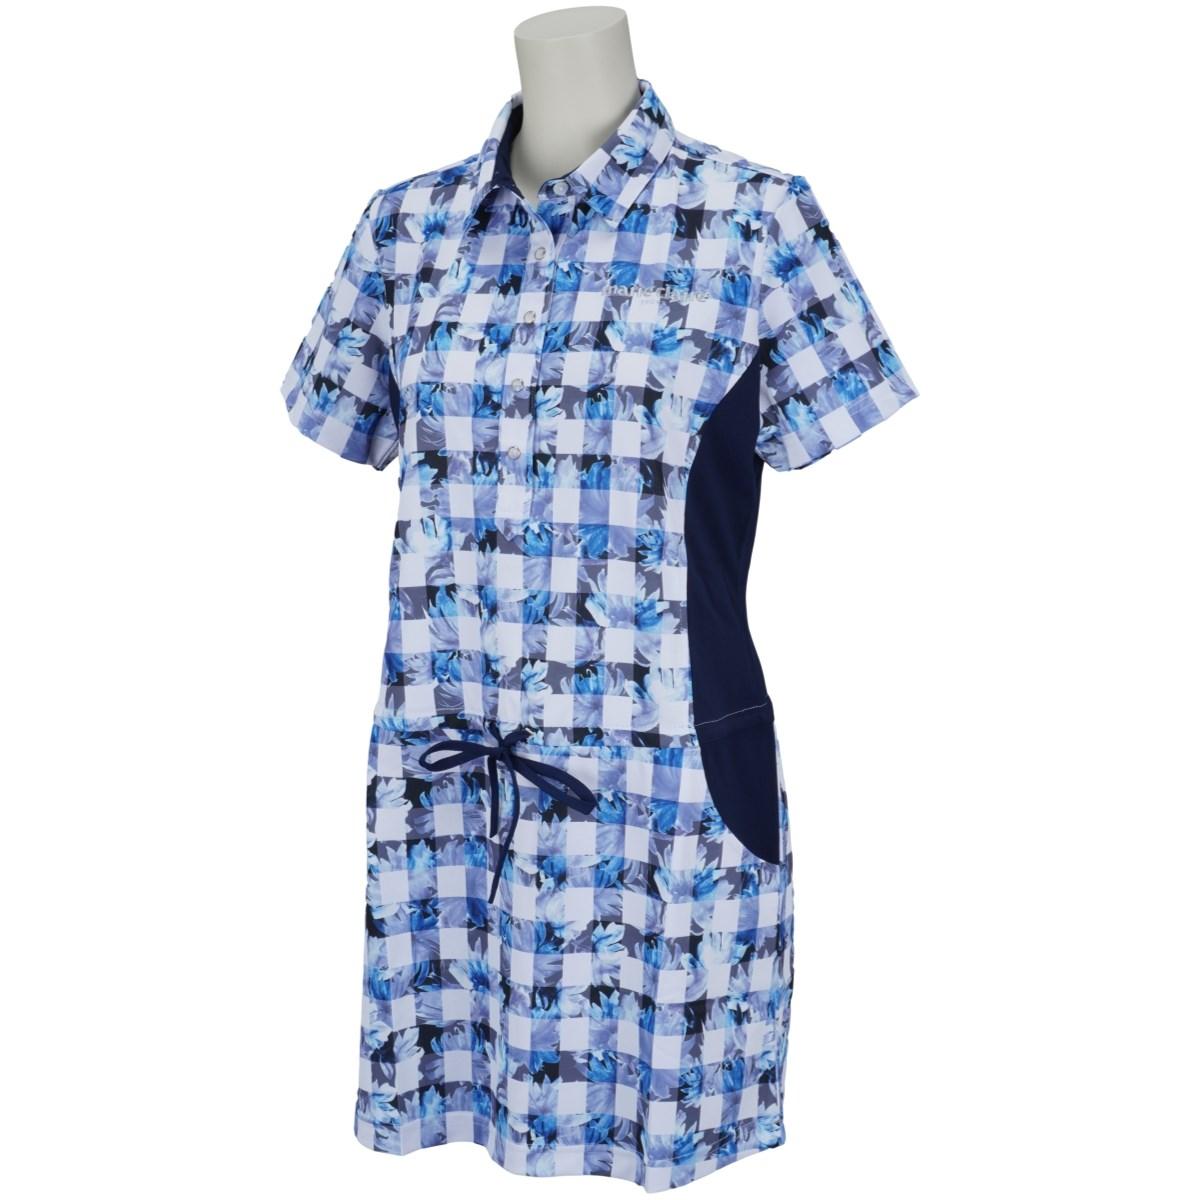 マリクレール marie claire 半袖チュニックシャツ M ネイビー レディス